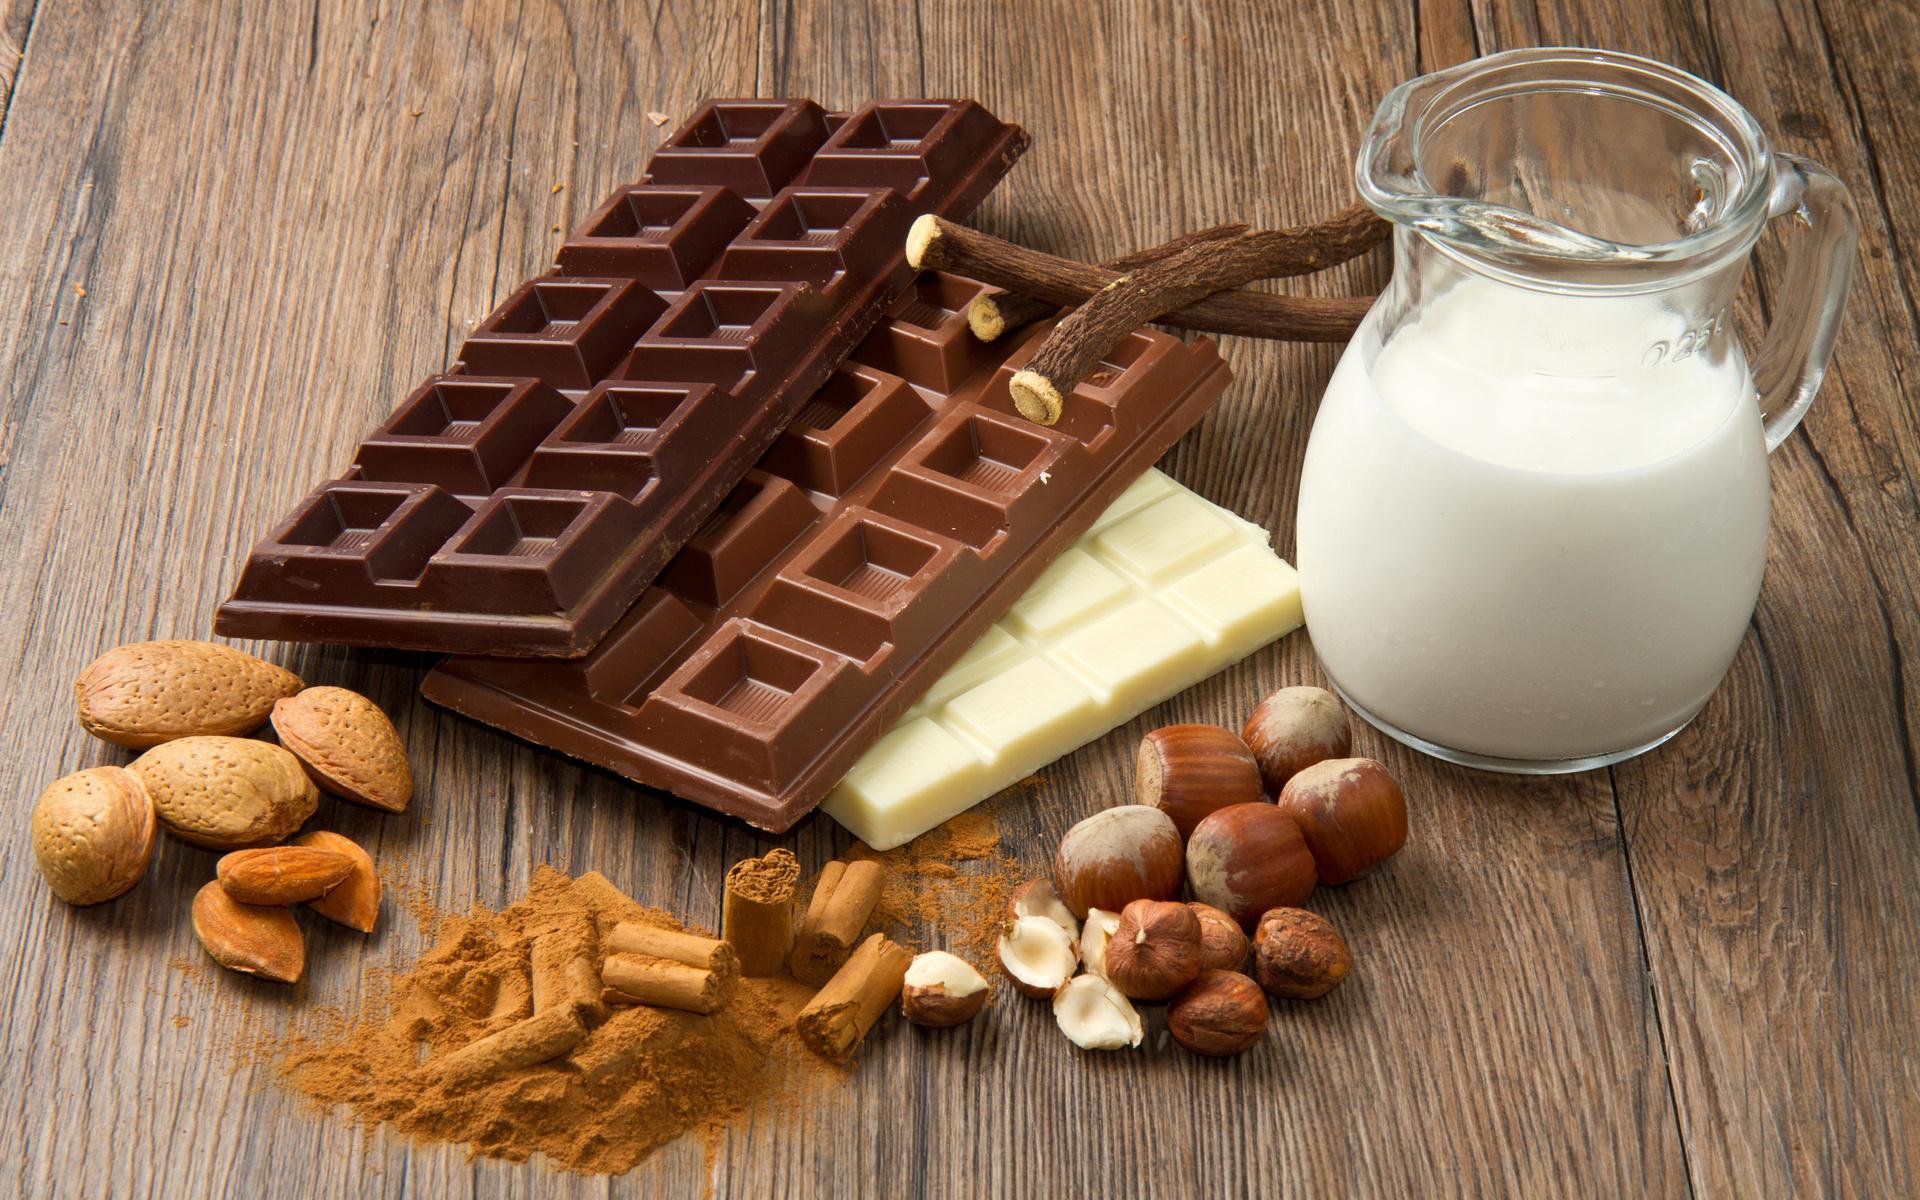 chocolate-milk-nut-jug-cinnamon-other.jpg